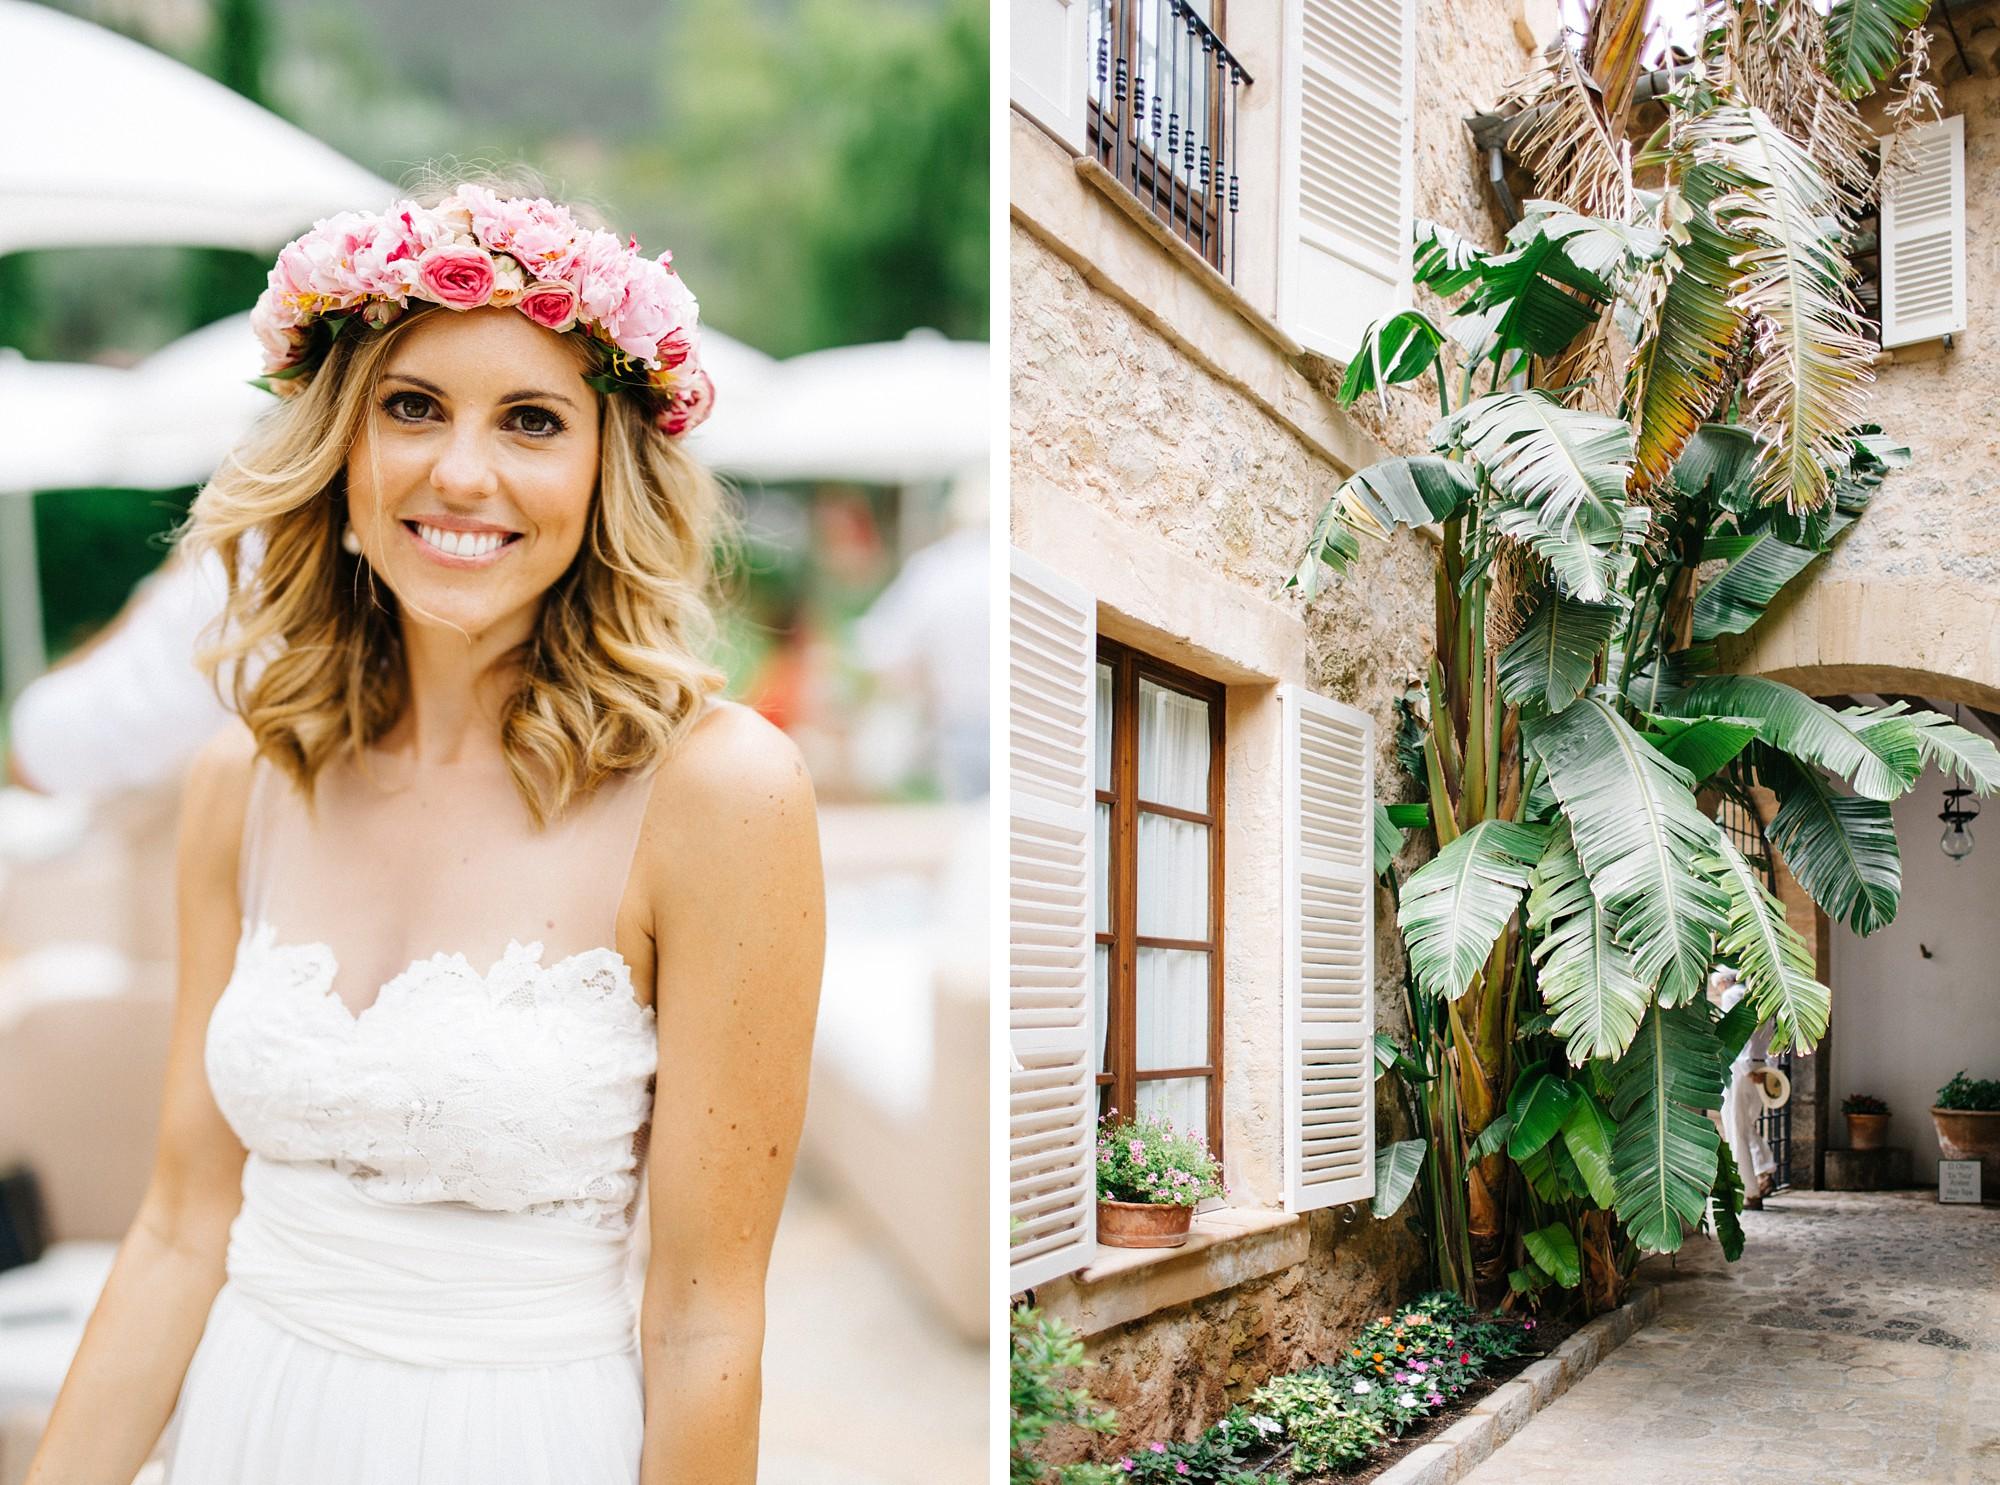 fotografos de boda en valencia barcelona mallorca wedding photographer124.jpg